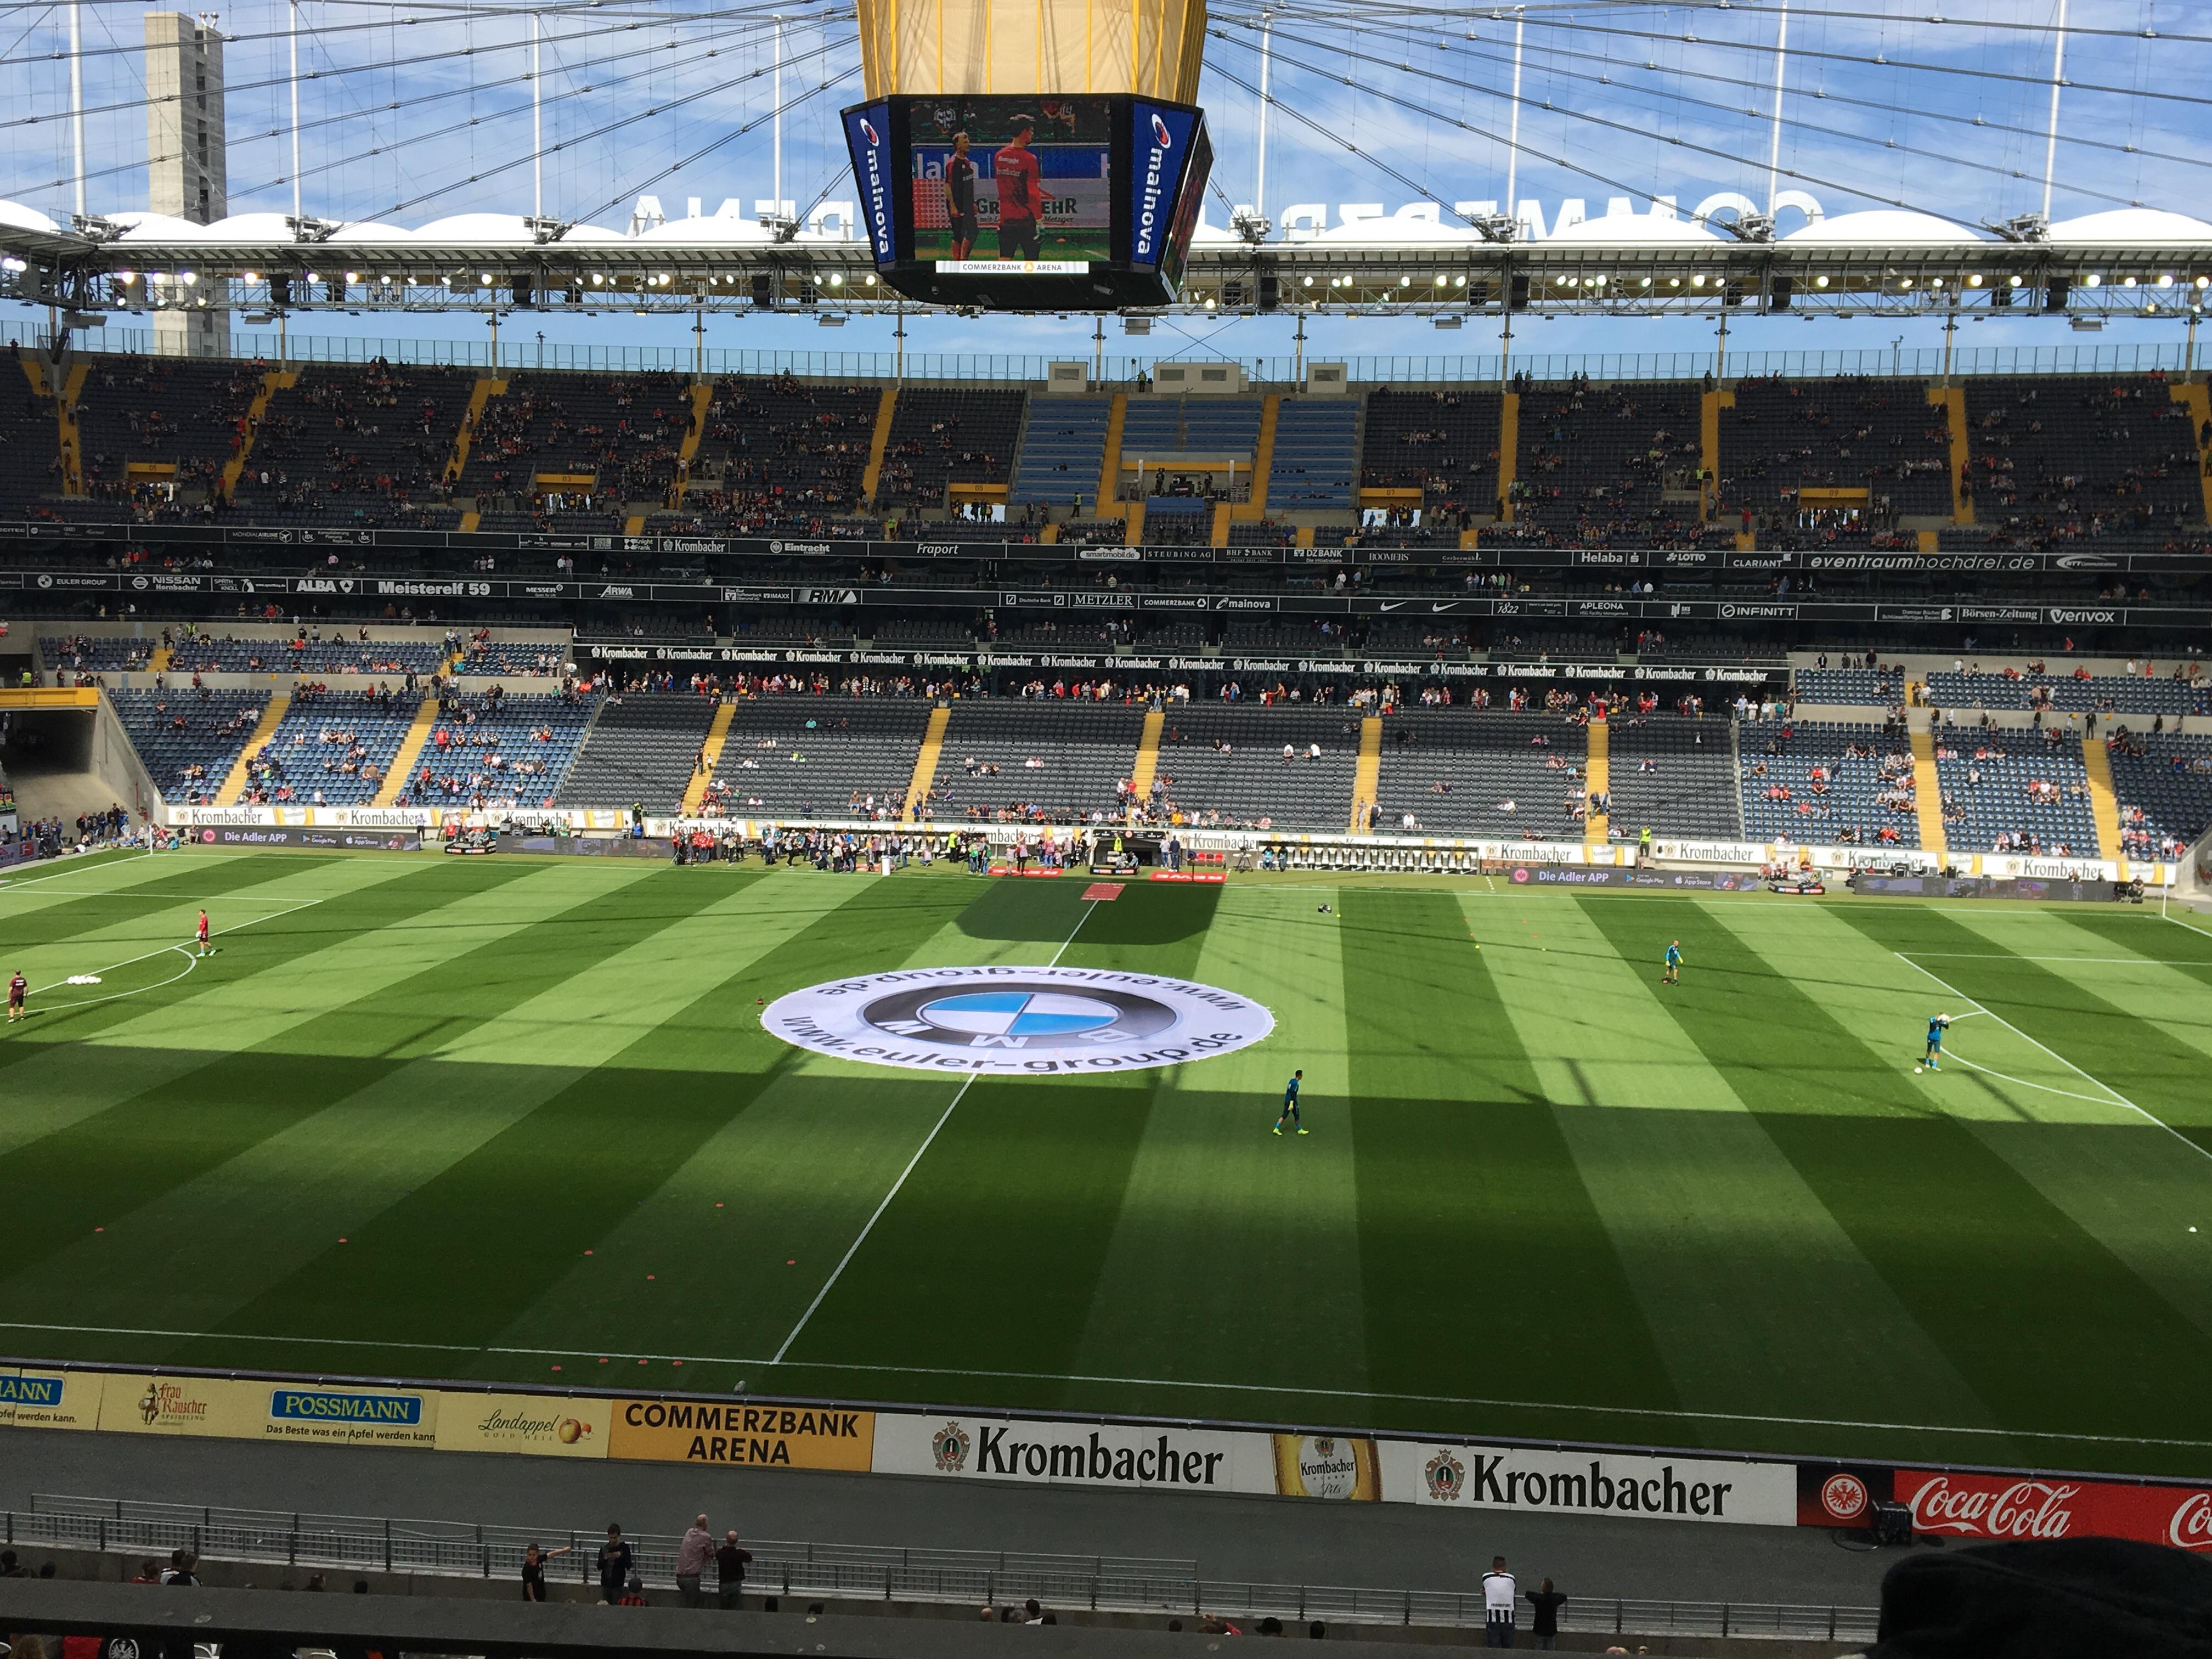 Blick auf Spielfeld und Haupttribüne der Commerzbank Arena: Johannes besuchte am 15.12.2019 die Schalker Veltins-Arena